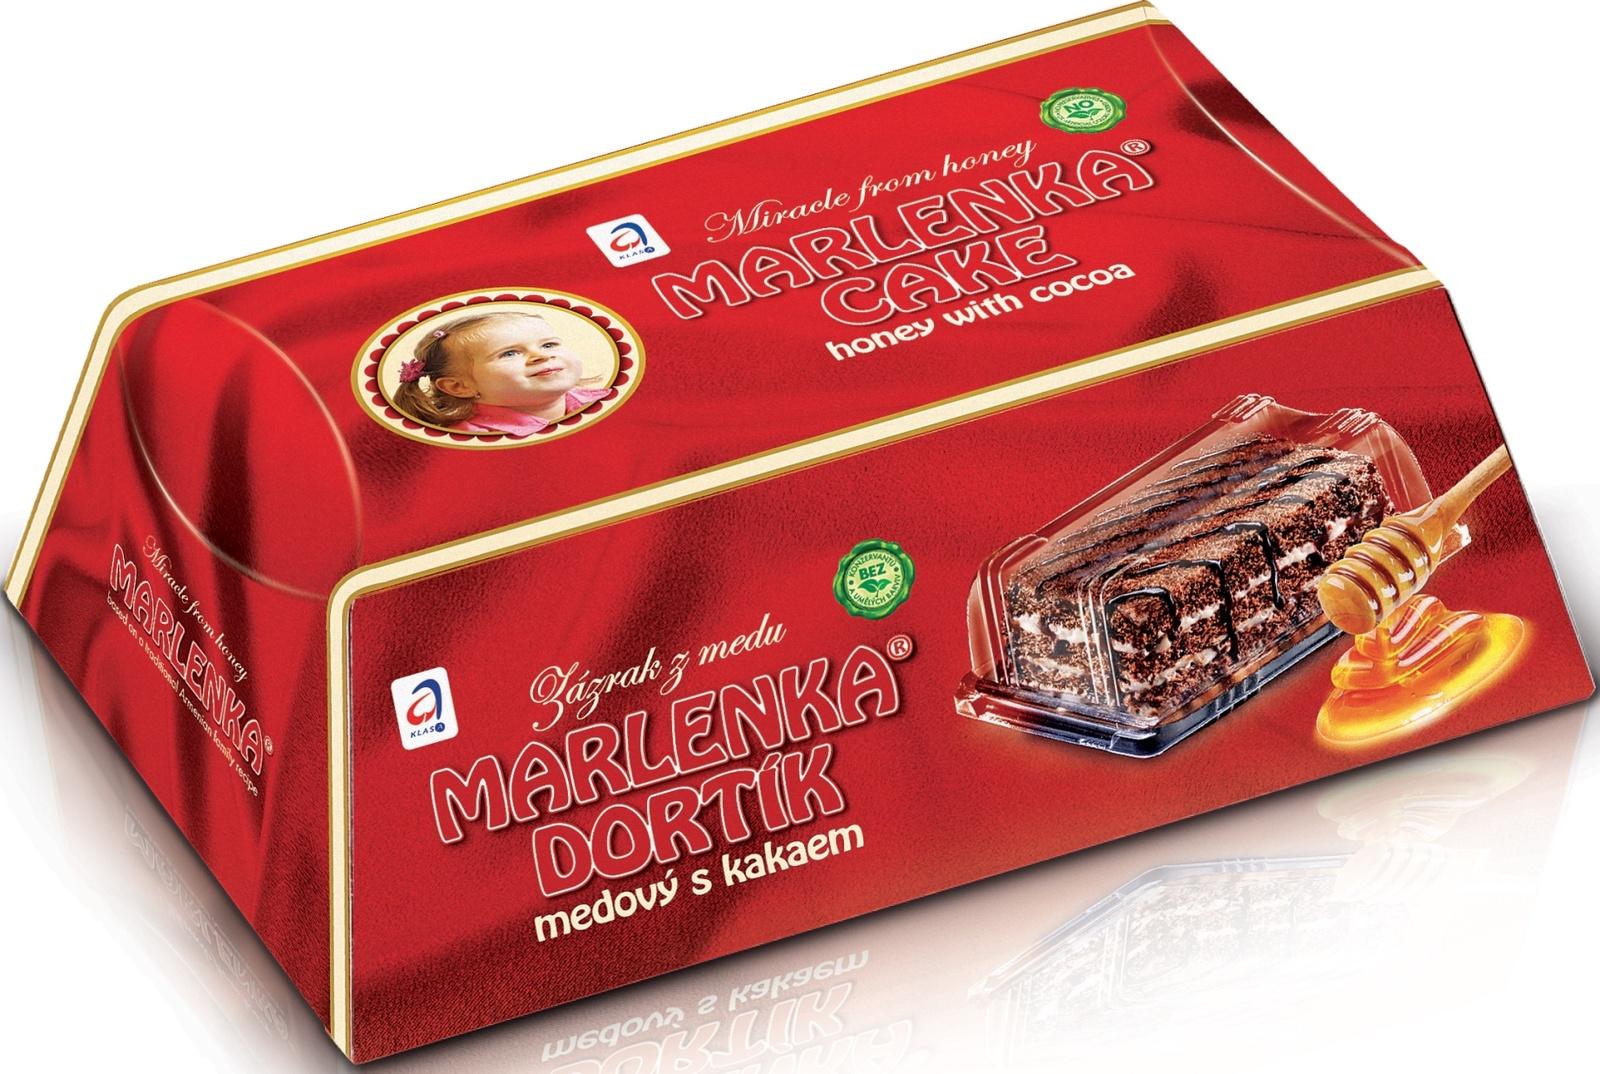 Медовый торт Марленка с какао торт marlenka медовый с какао 100 г